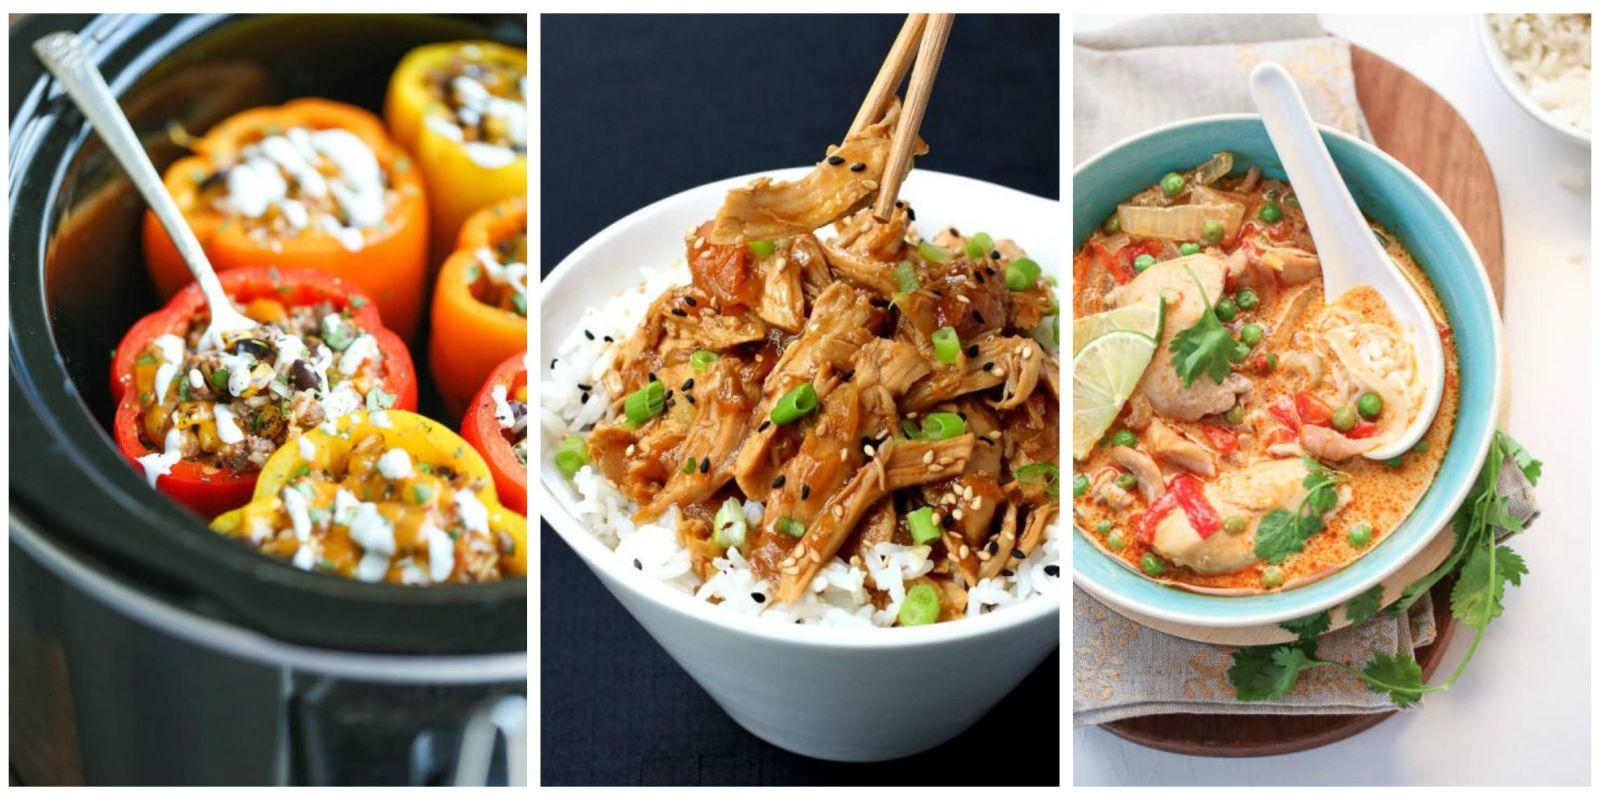 Delicious healthy food ideas - Delicious Healthy Food Ideas 49